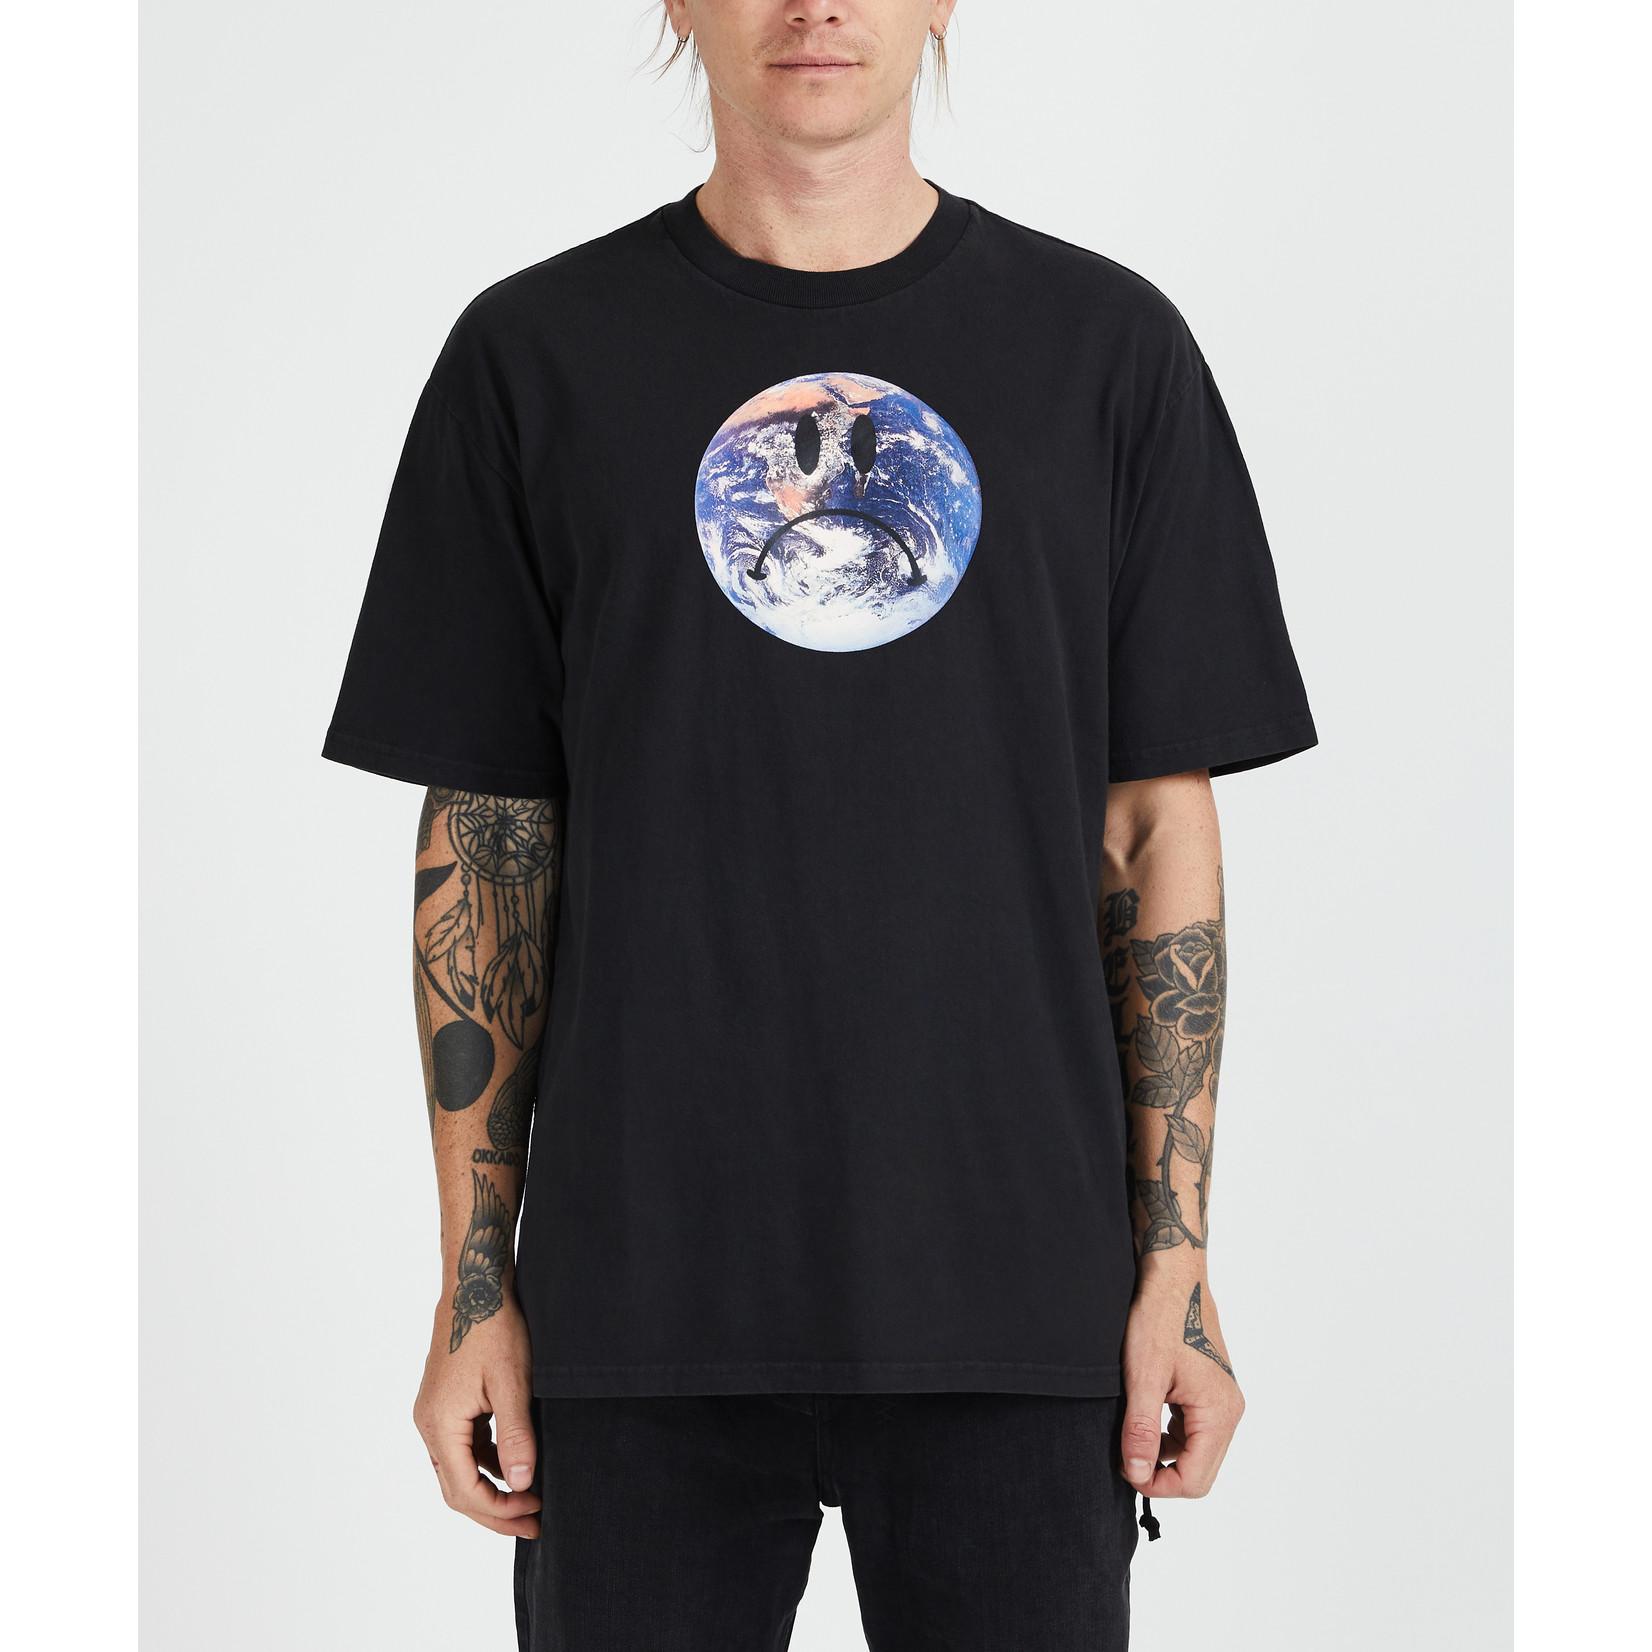 Ksubi Planet SS Tee Tru